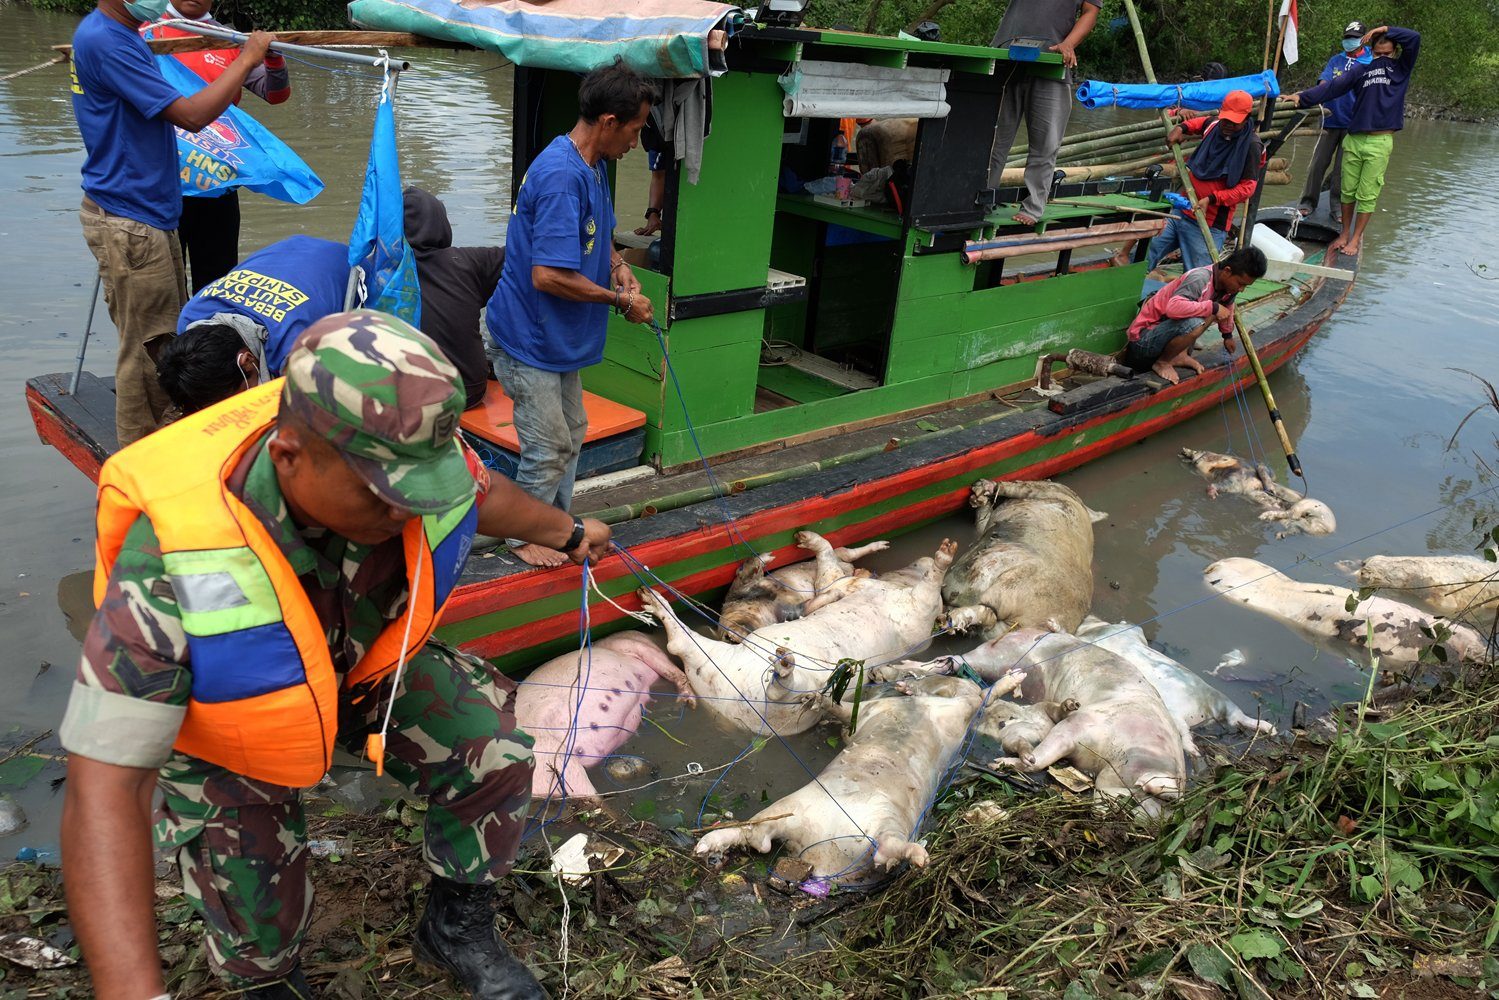 Data Dinas Ketahanan Pangan dan Peternakan Sumut mencatat sedikitnya ada 4.682 babi mati yang diduga akibat wabah virus Hog Kolera dan African Swine Fever atau demam babi Afrika di 11 kabupaten/kota di Sumut.